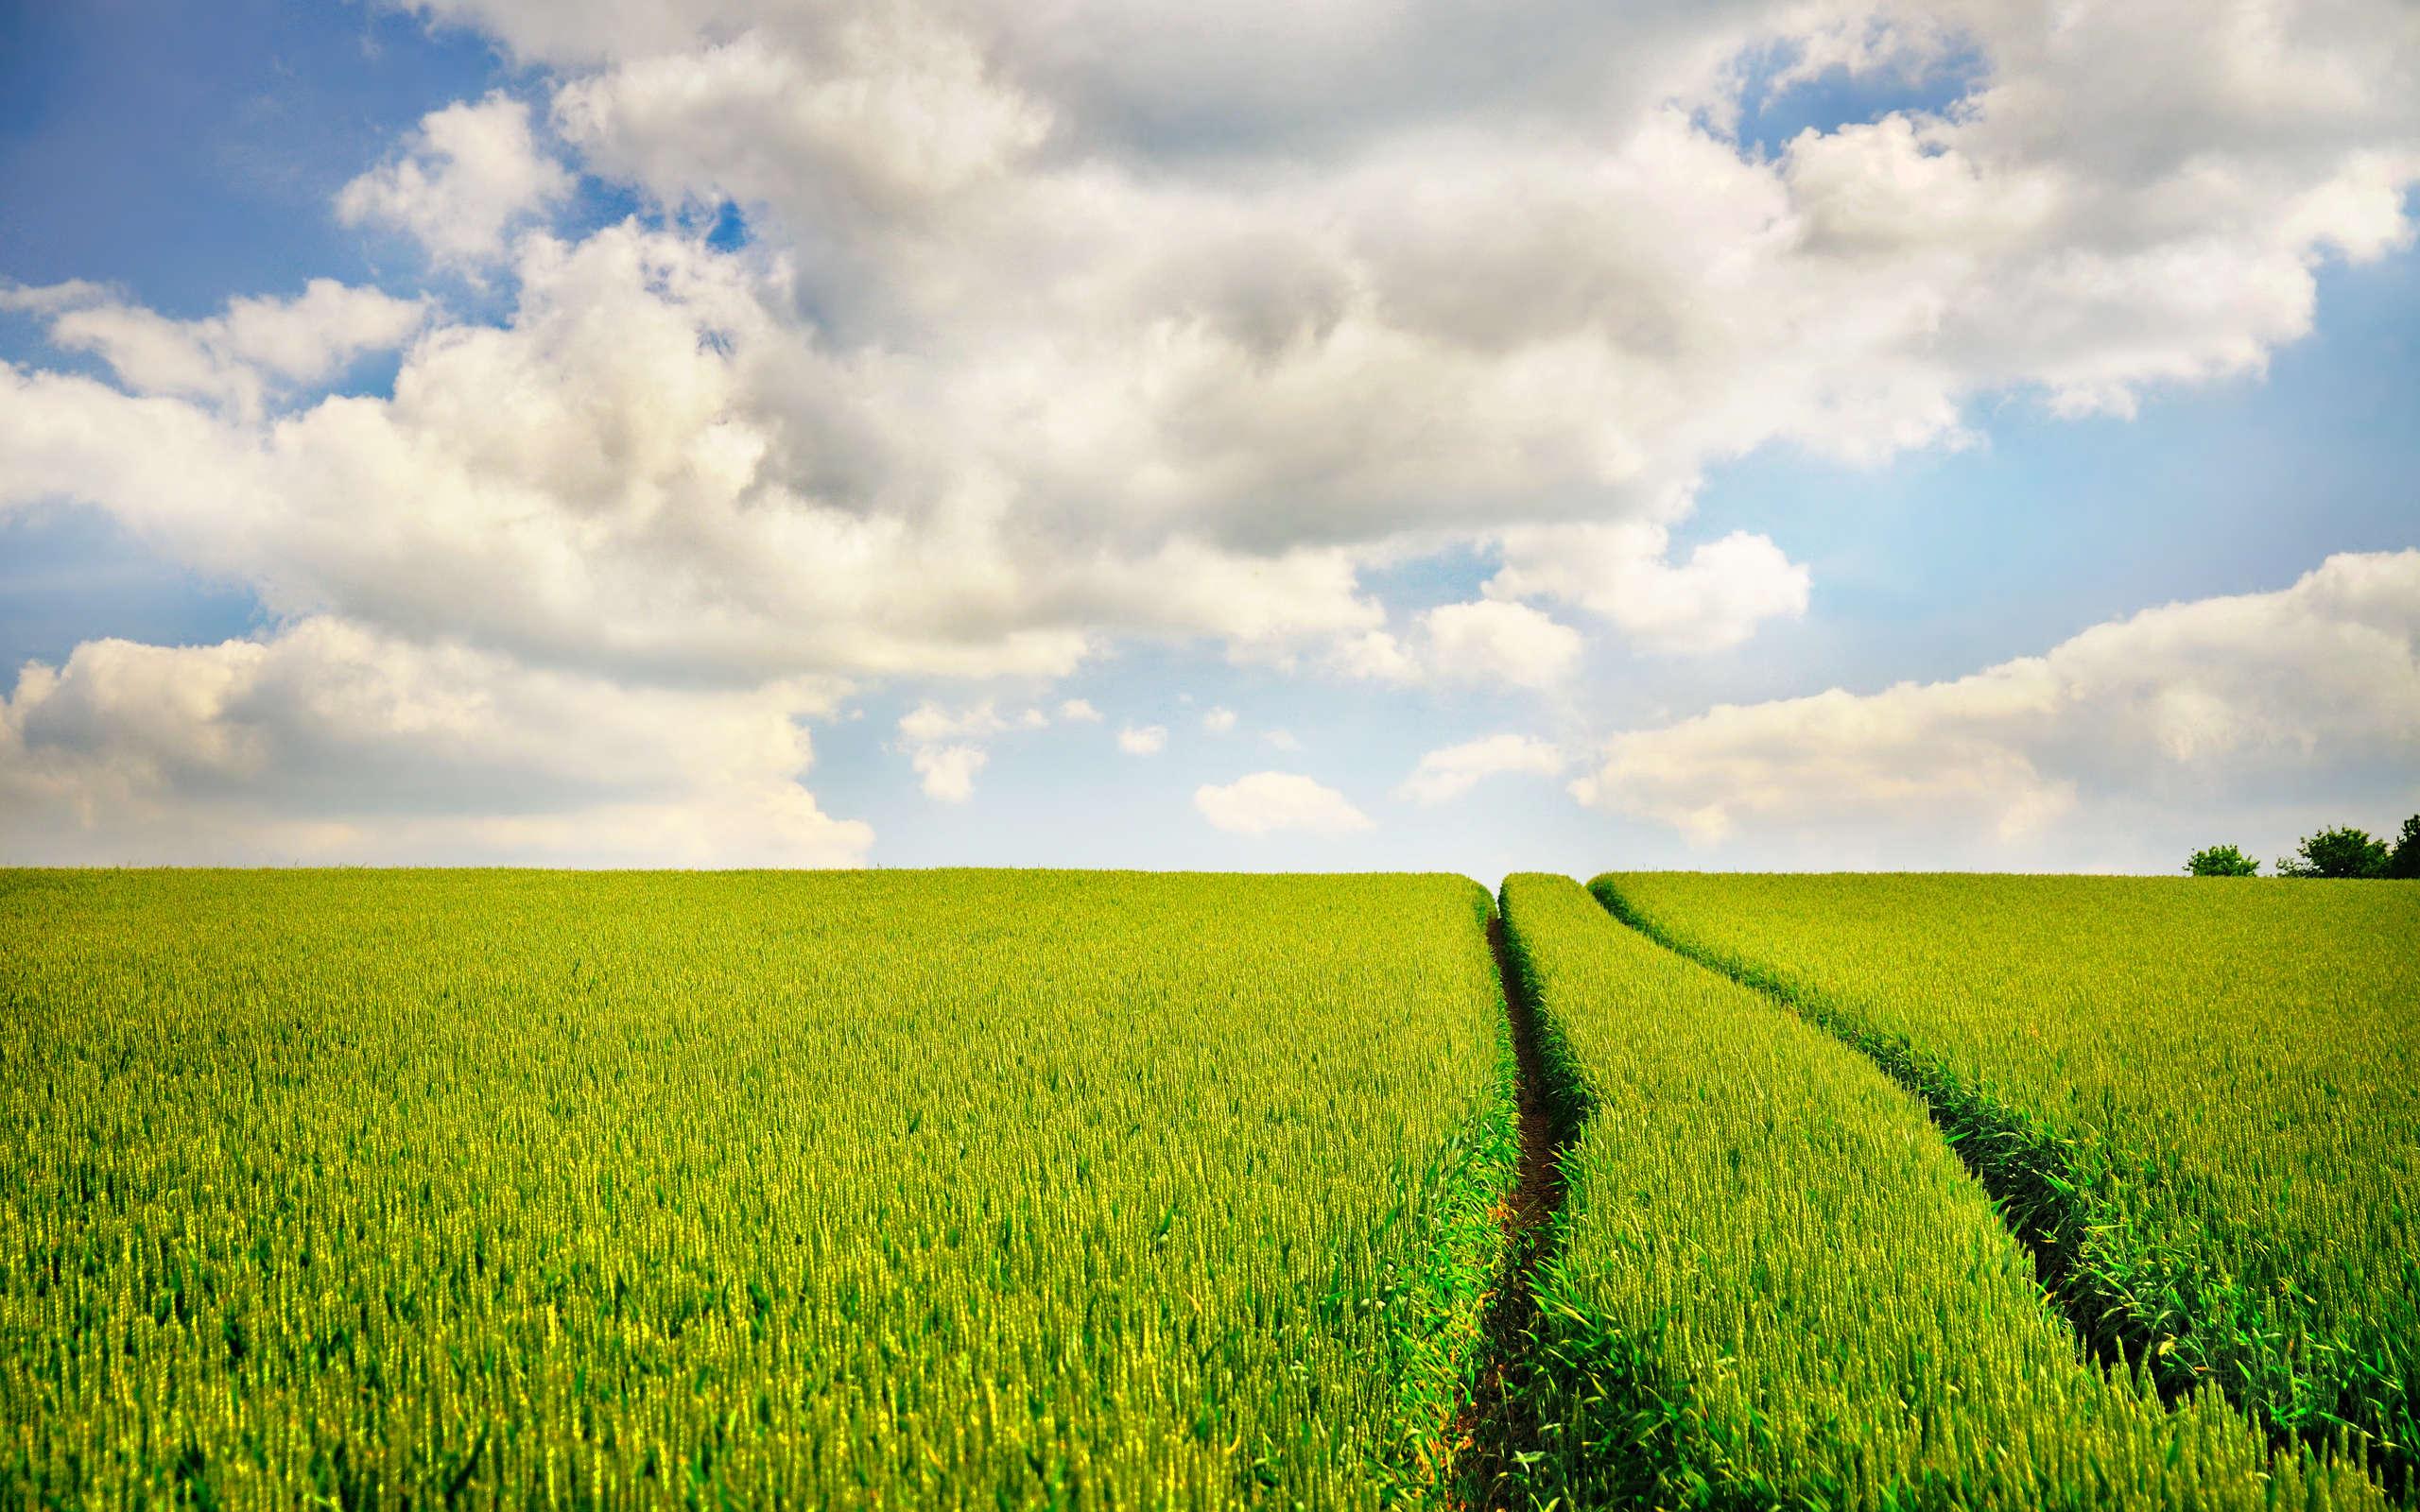 лето, небо, трава, дорога, скачать фото, обои для рабочего стола, облака